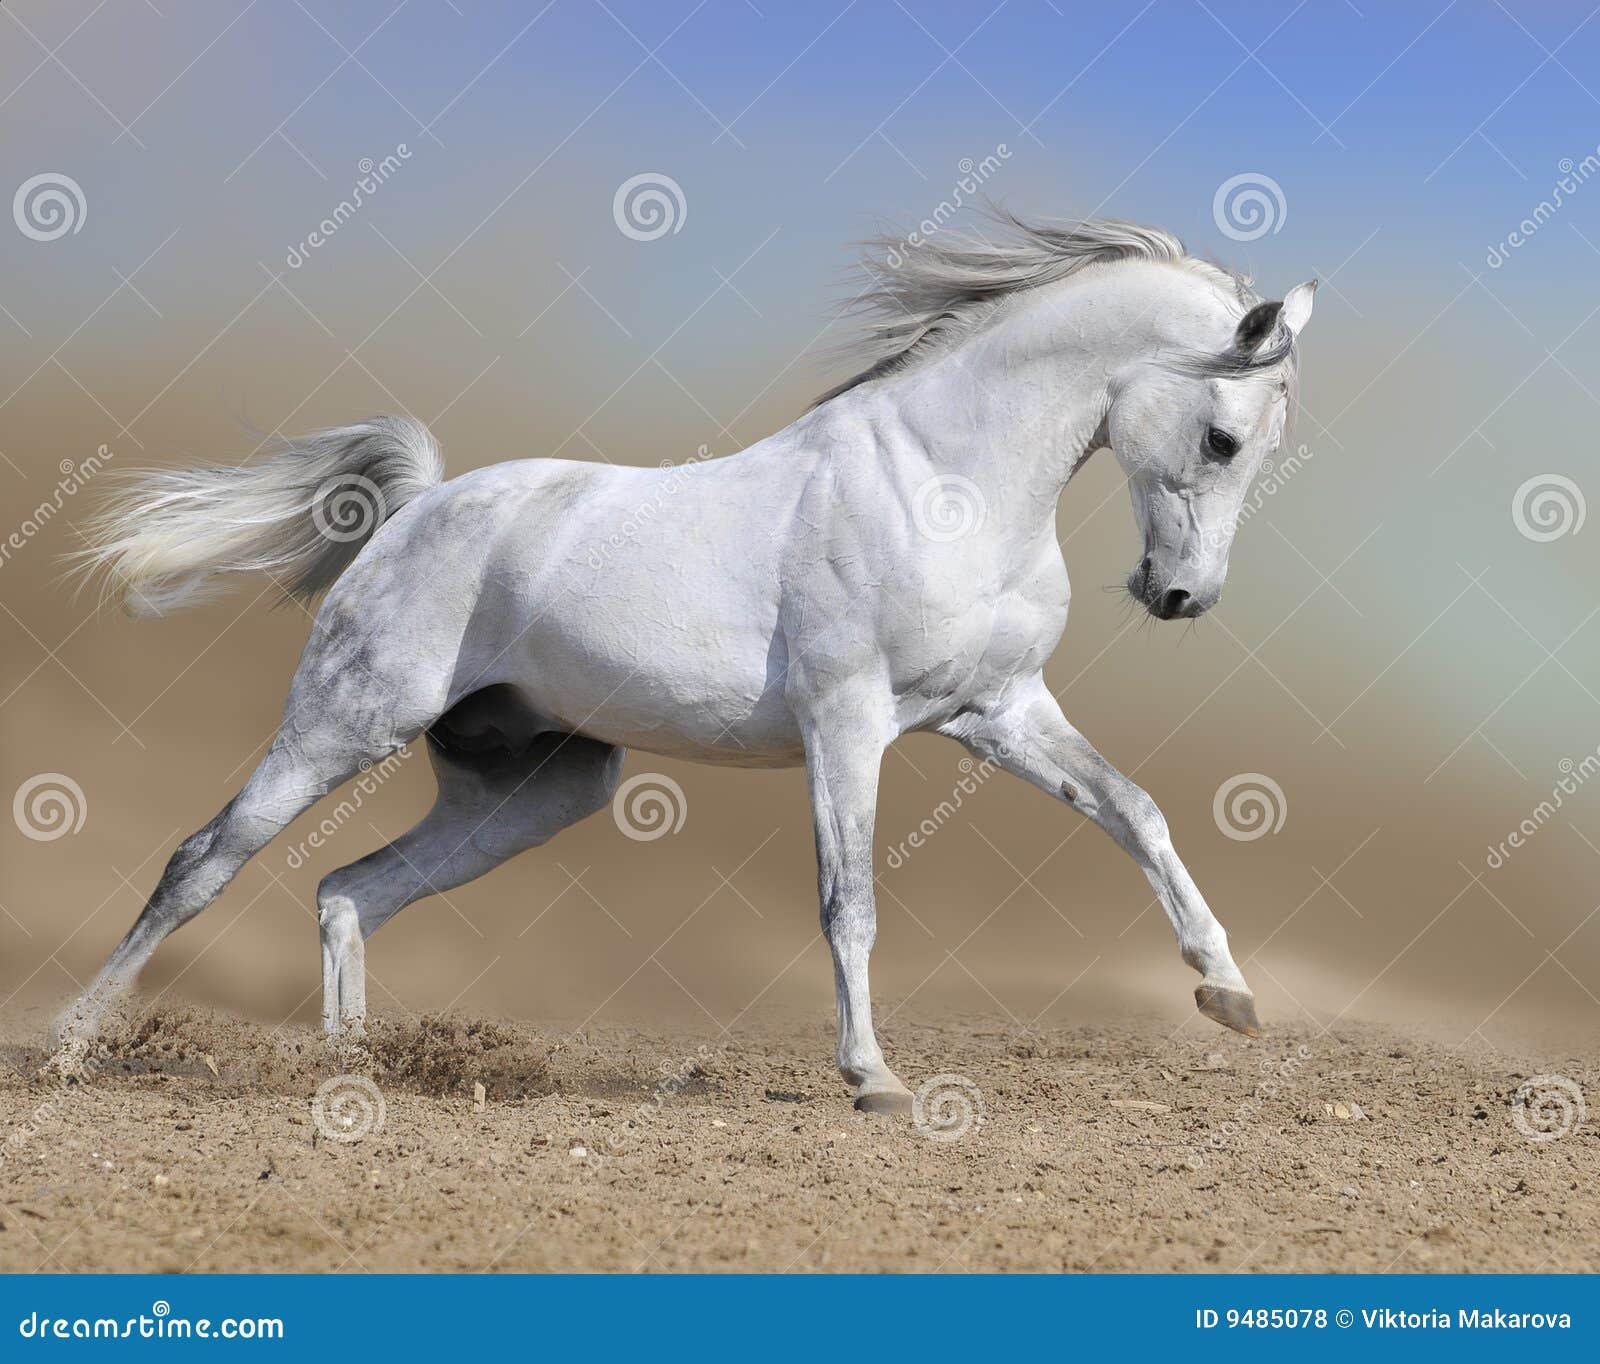 лошадь gallop пыли аравийской пустыни бежит белизна